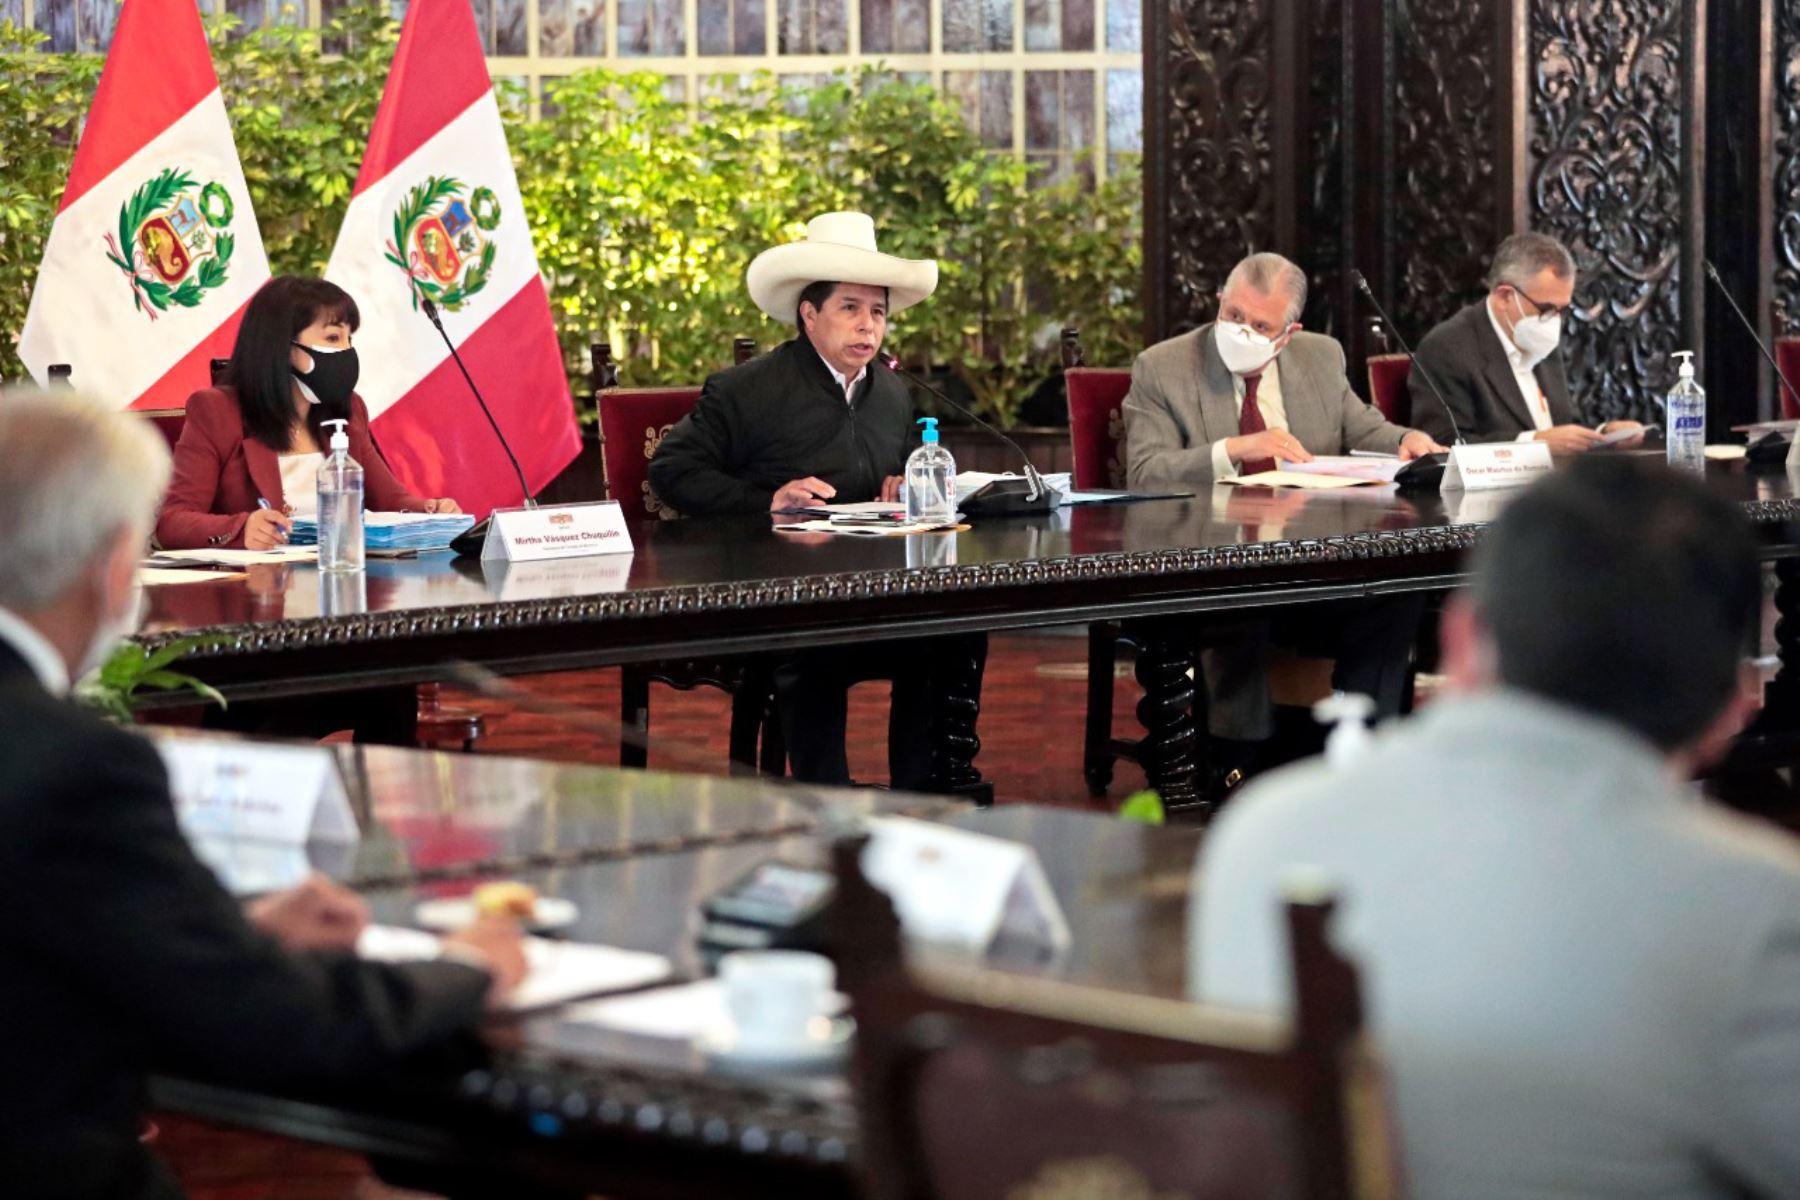 El presidente Pedro Castillo lidera una sesión del Consejo de Ministros en Palacio de Gobierno. Foto: ANDINA/ Prensa Presidencia